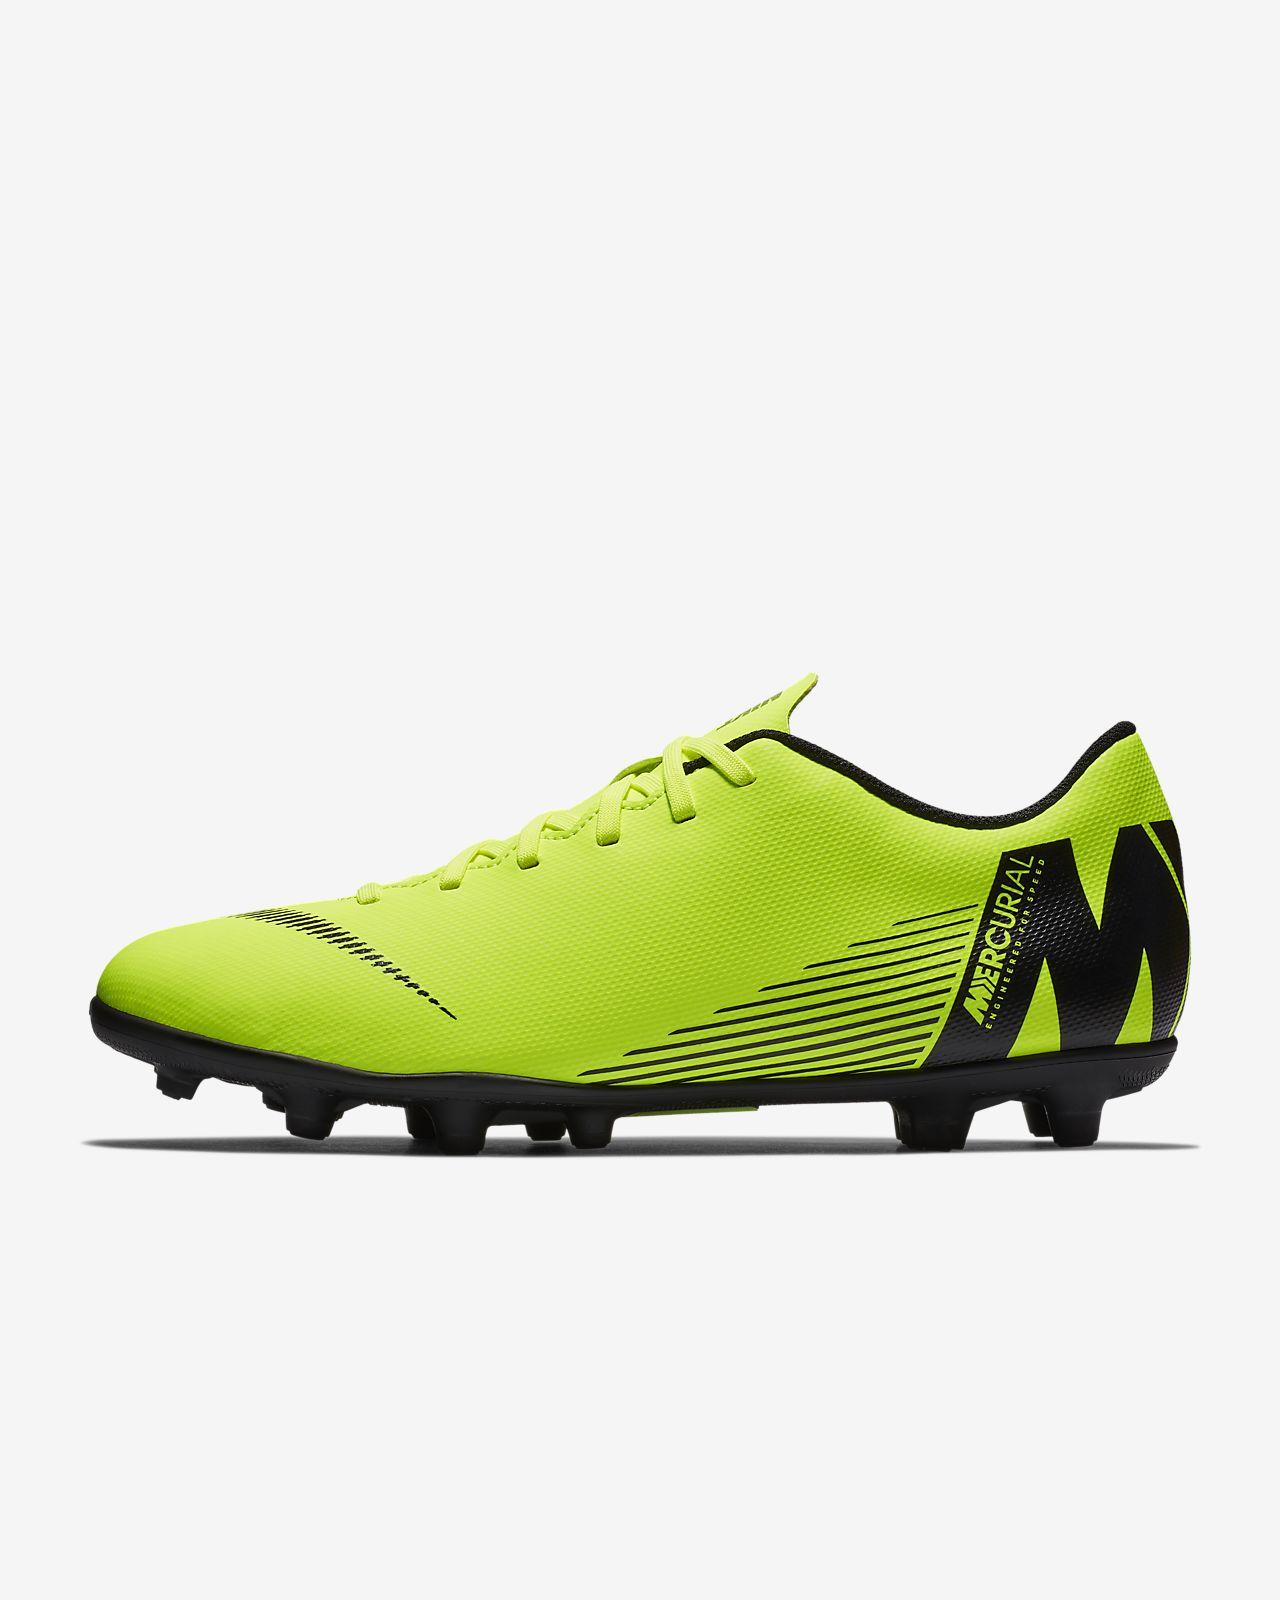 Calzado de fútbol para múltiples superficies Nike Mercurial Vapor XII Club 6a15b903f22